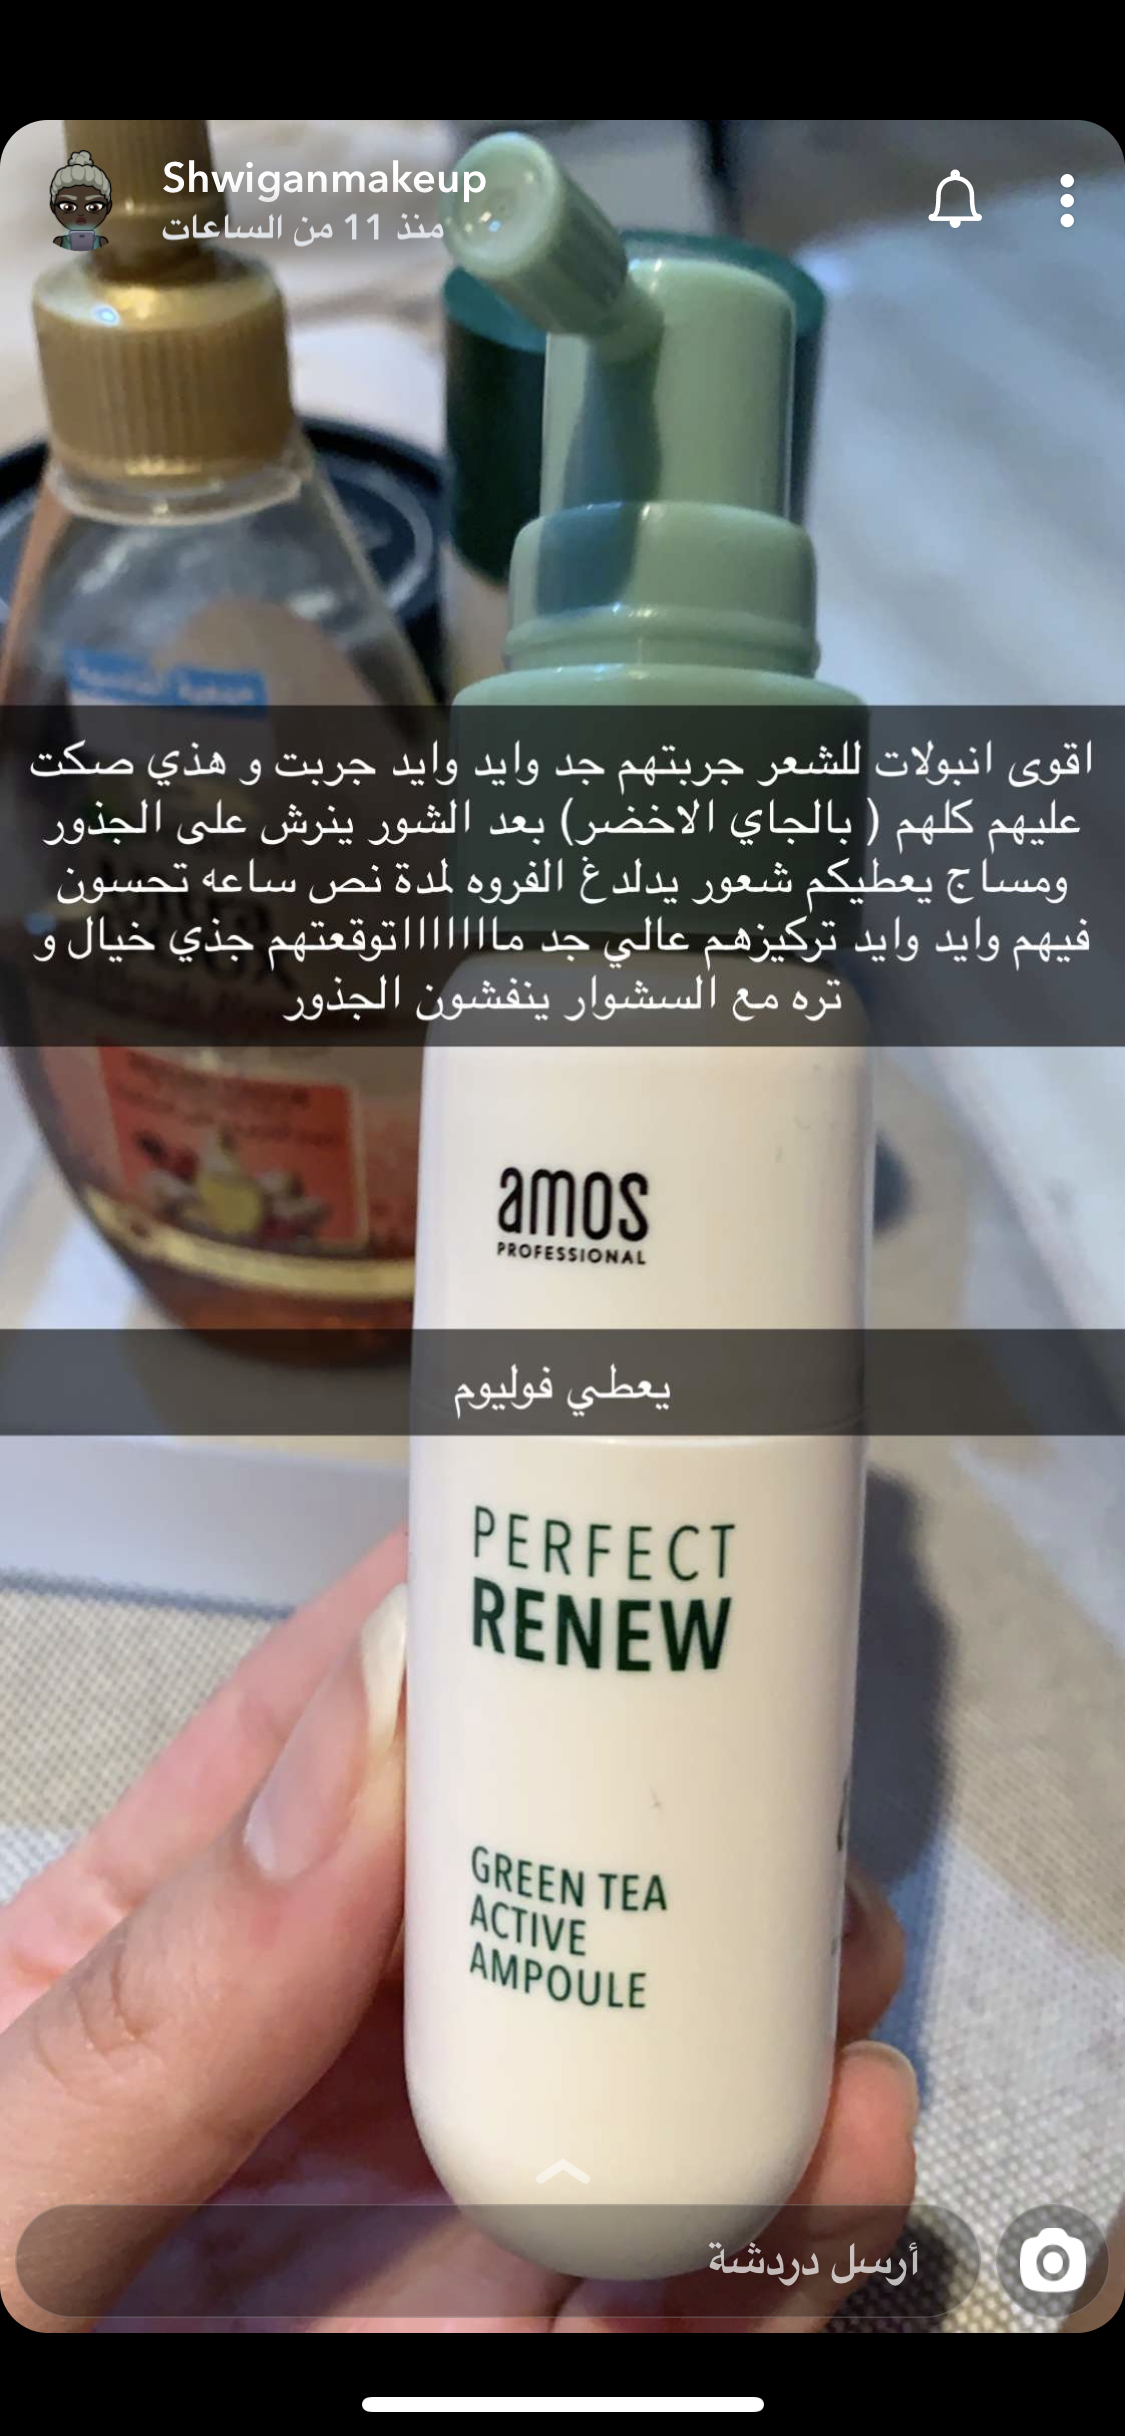 Pin By Raghd Ahmed On عناية Hand Soap Bottle Soap Bottle Hand Soap